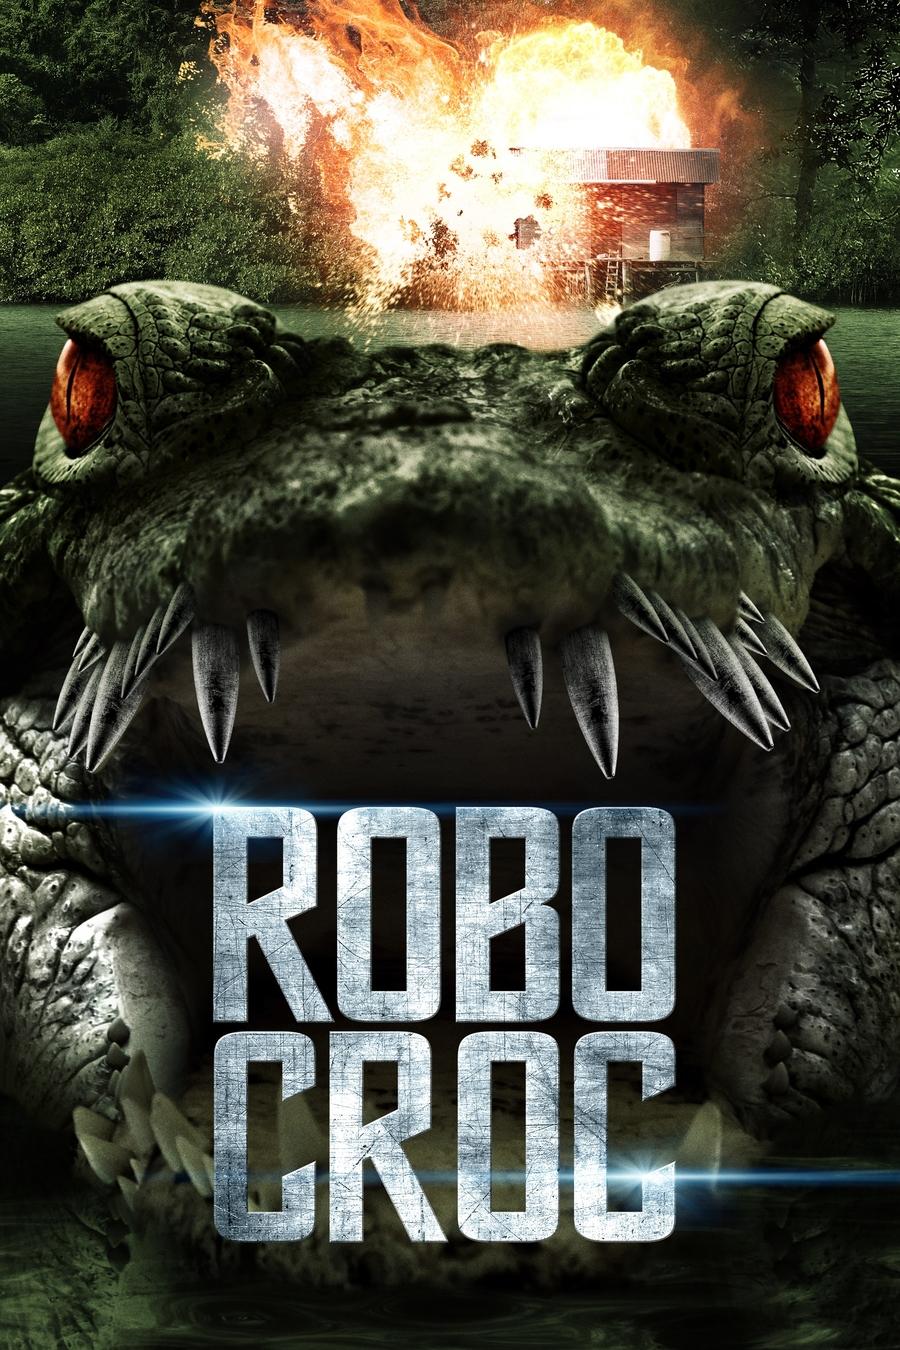 Robocrop